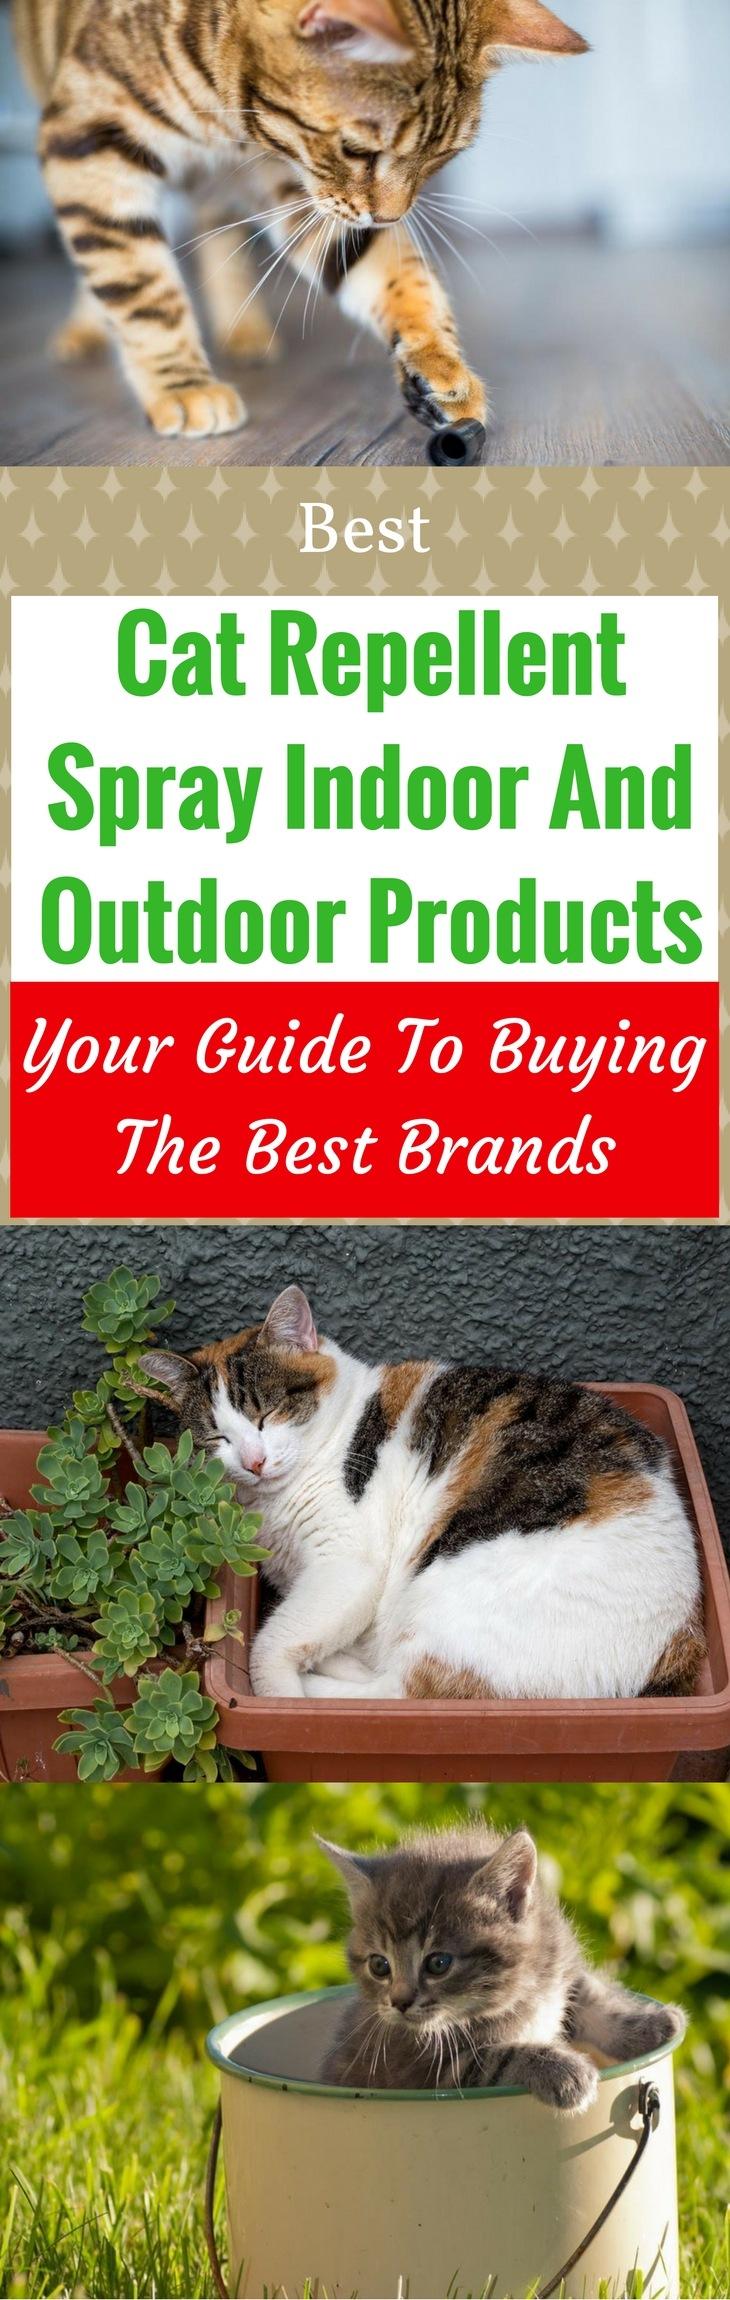 Best Cat Repellent Spray Indoor and Outdoor 2018 Buyer's